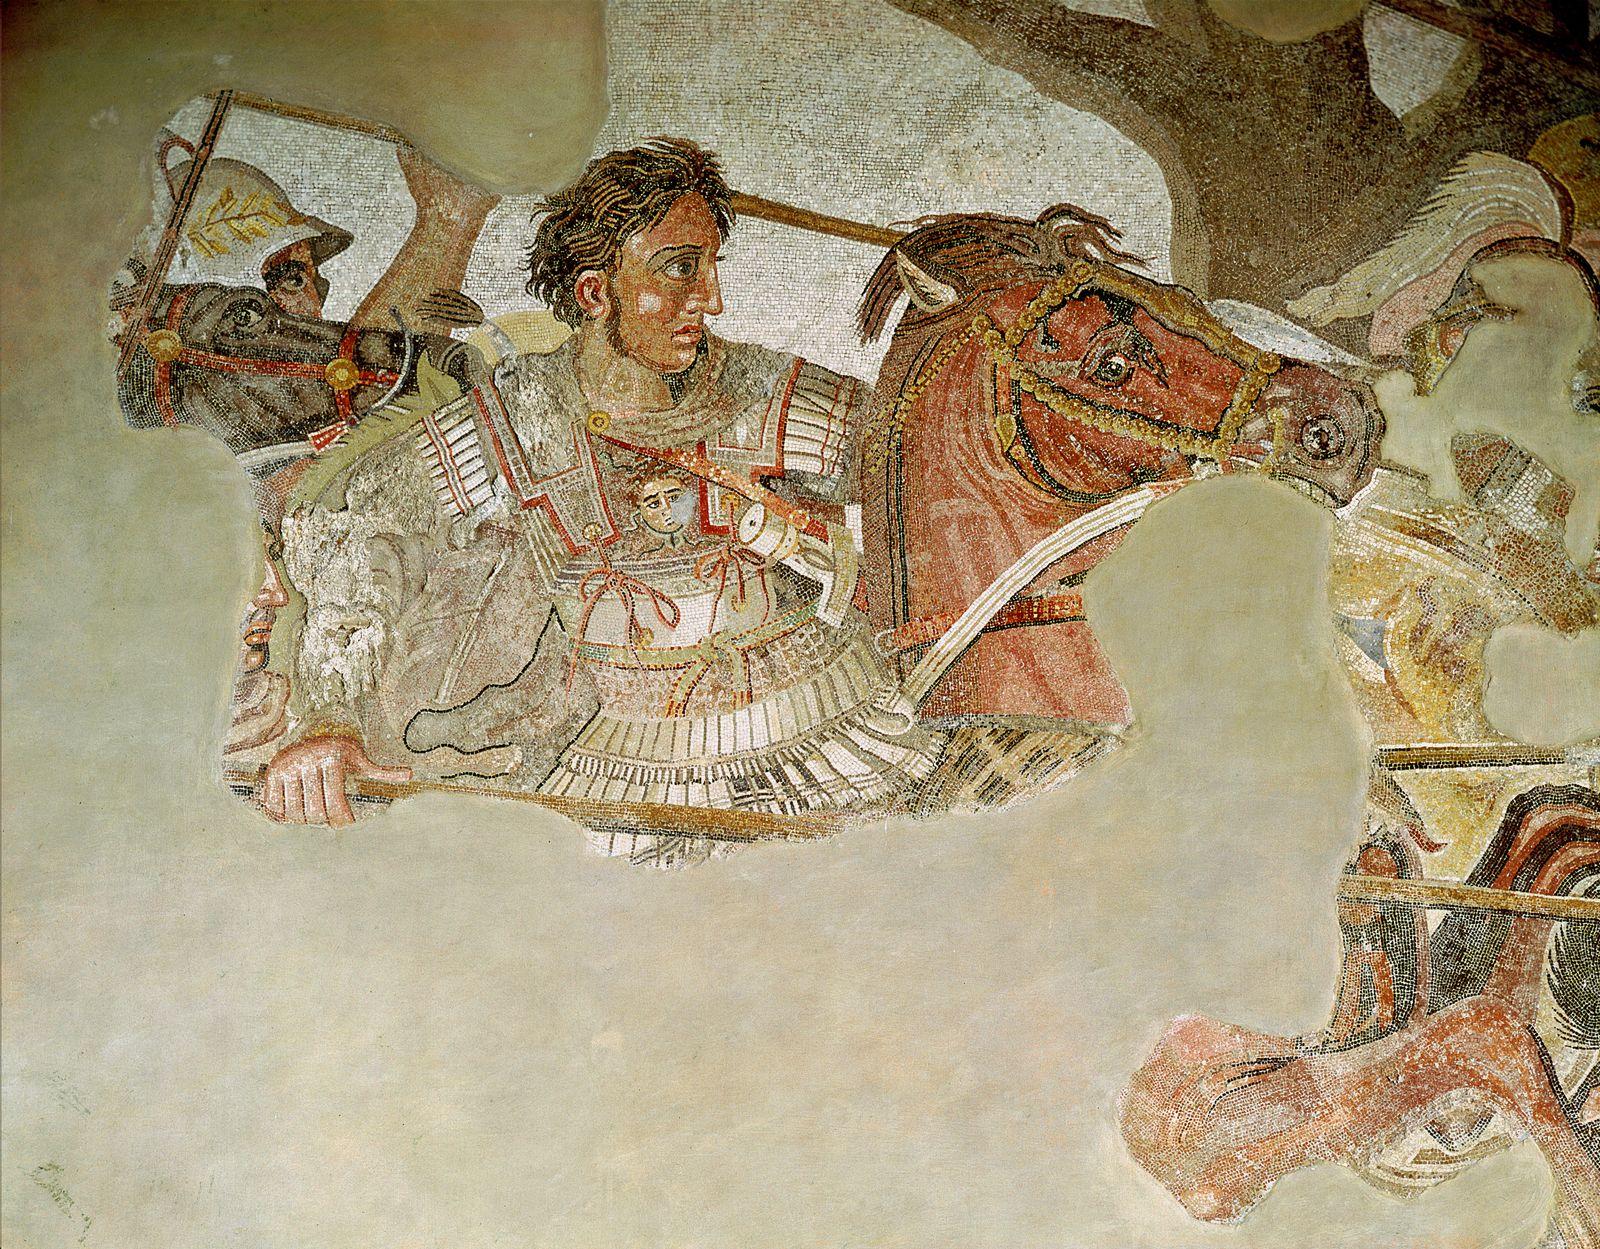 NICHT MEHR VERWENDEN! - THEMEN Alexander der Große